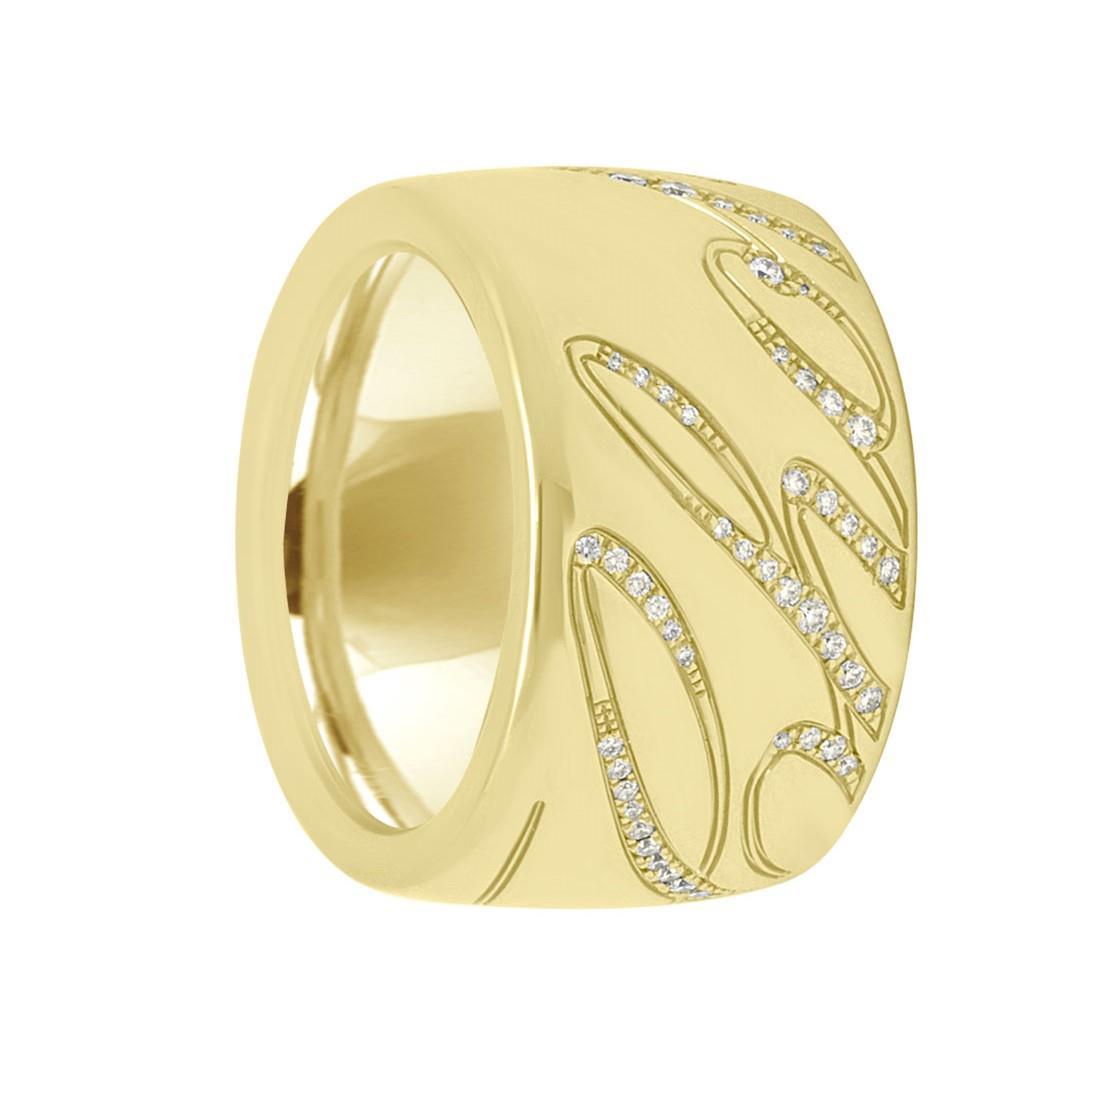 Anello in oro rosa con diamanti ct 0.35, misura 15 - CHOPARD